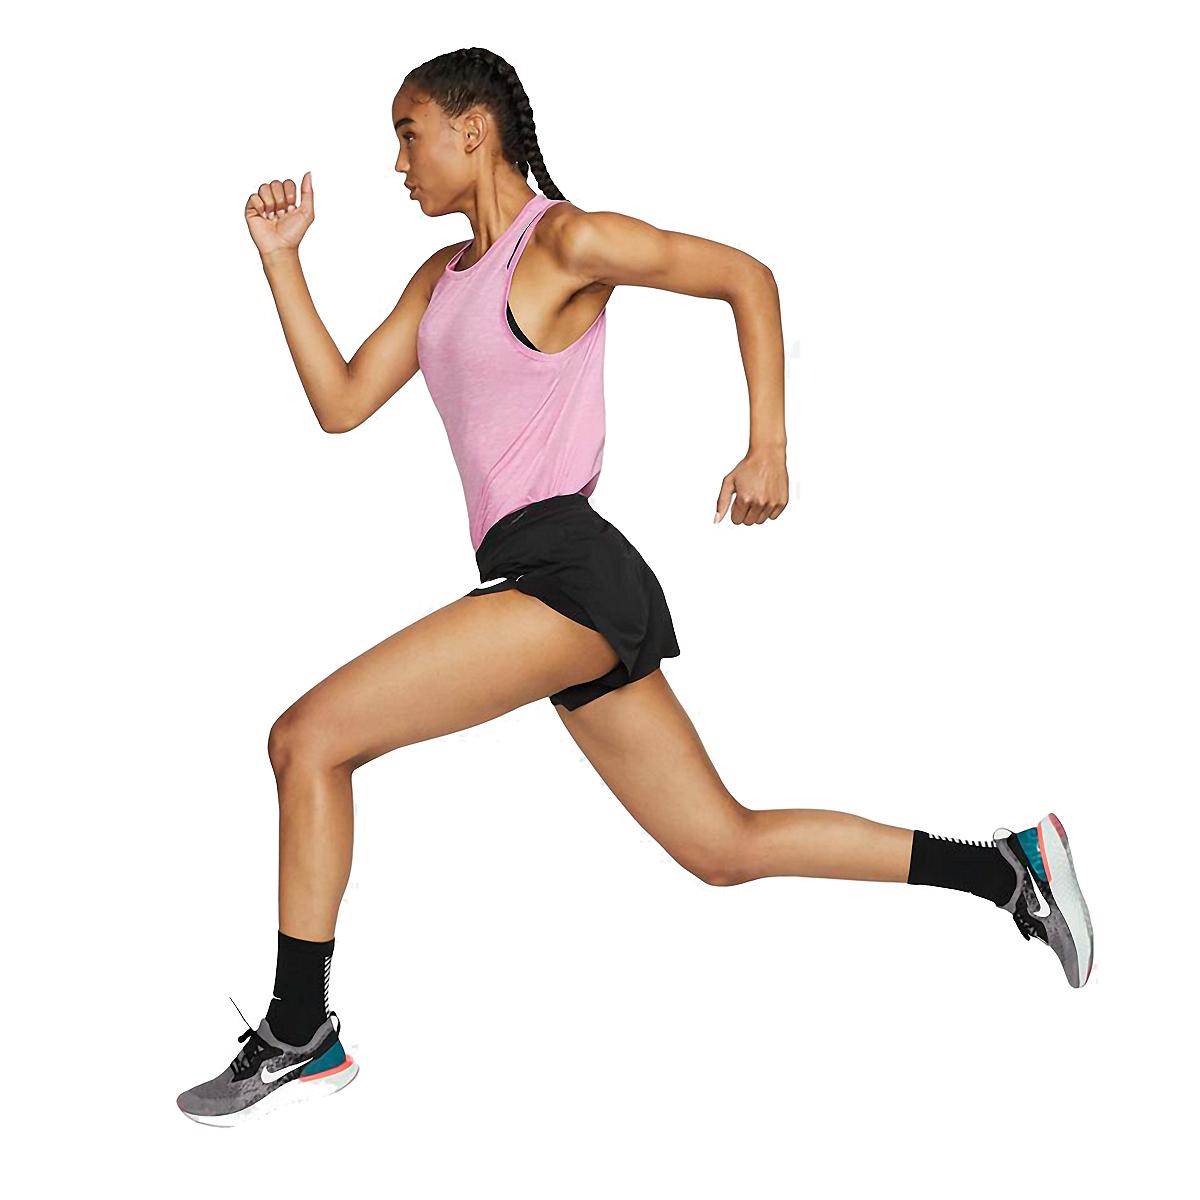 Women's Nike AeroSwift Track Short - Color: Black/Reflective - Size: XL, Black/Reflective, large, image 2